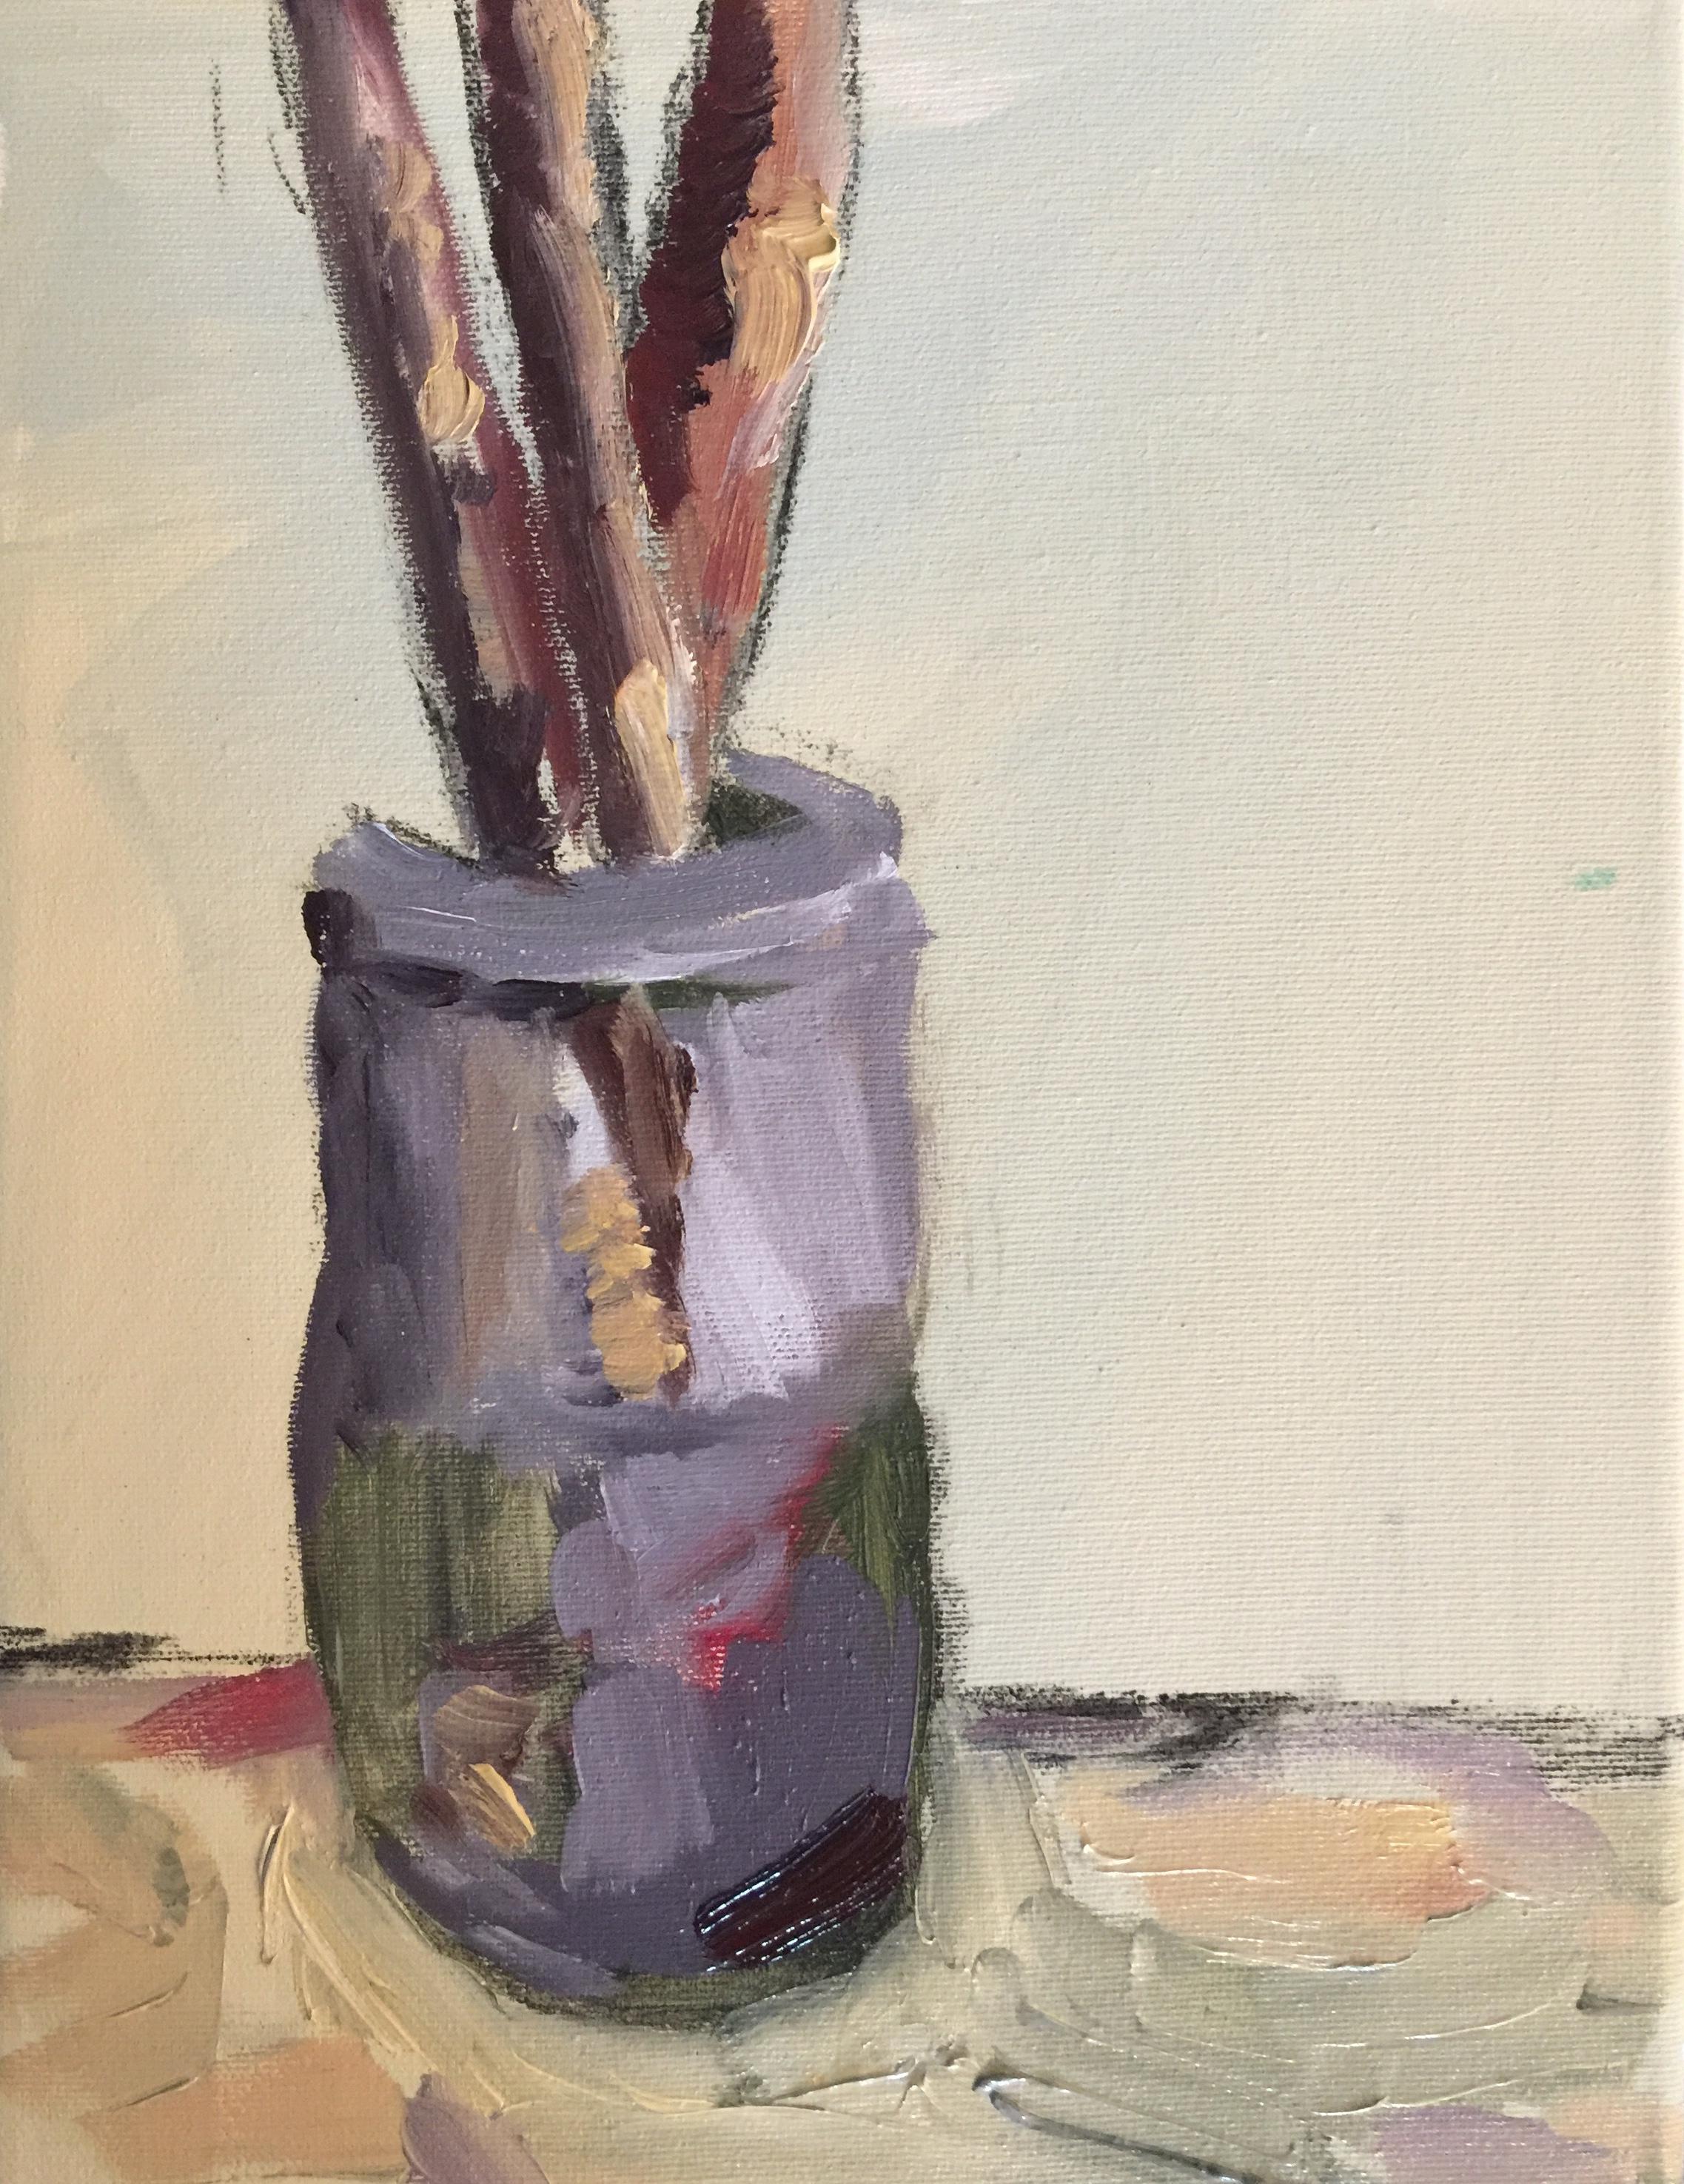 Patti Smith Land 250: Les pinceaux du peintre Duncan Grant, dans l'atelier de Vanessa Ball, Charleston